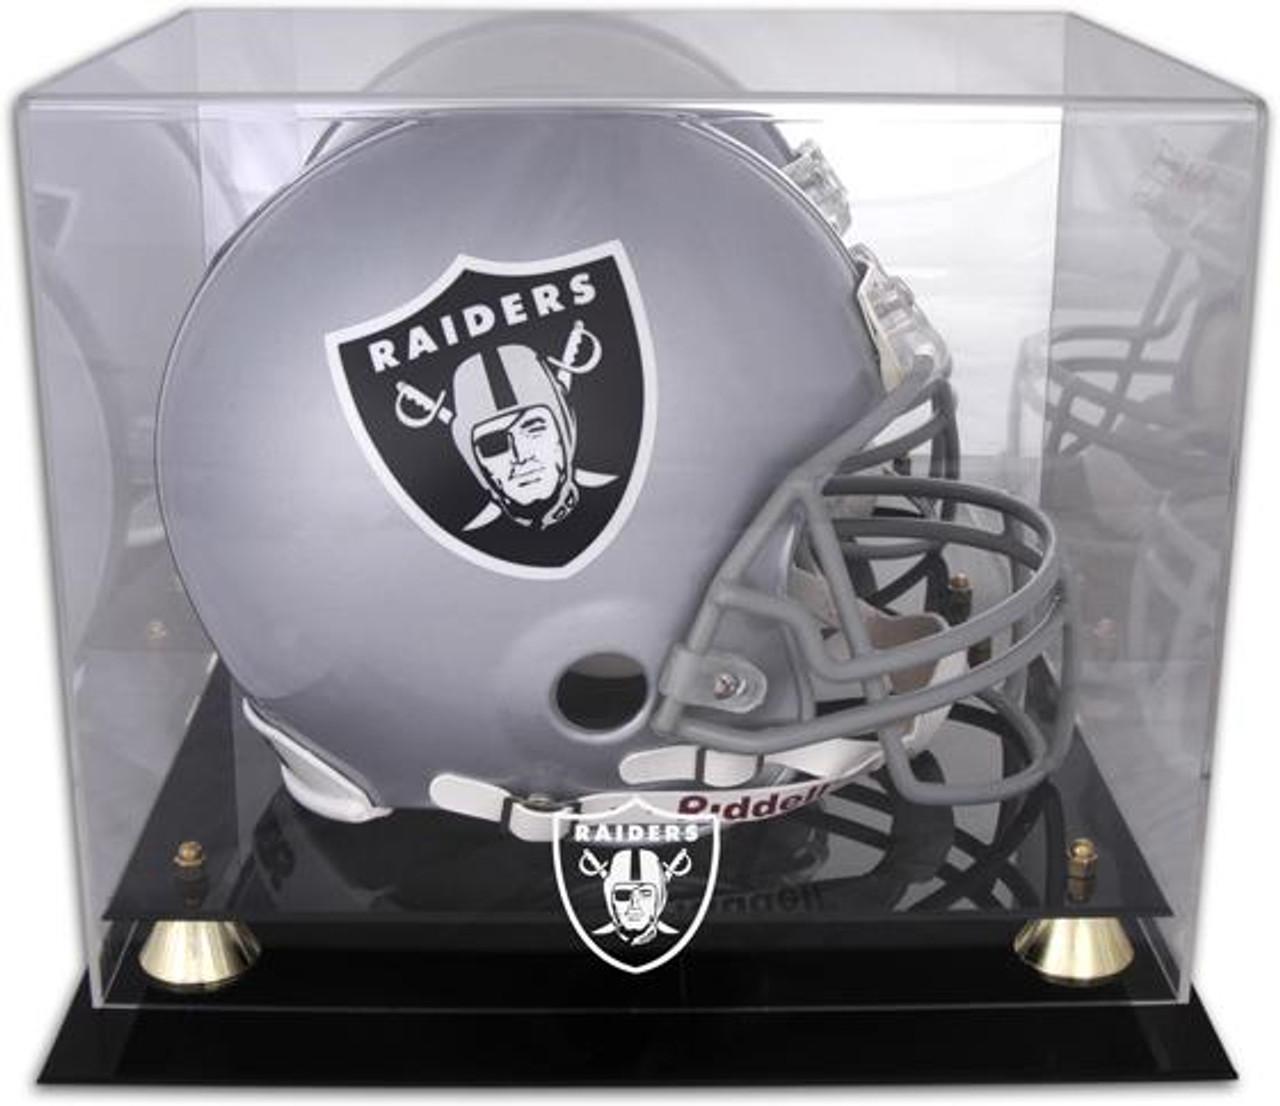 Sports Mem, Cards & Fan Shop Display Cases New Denver Broncos Football Helmet Display Case Black Sport Molding Uv Nfl